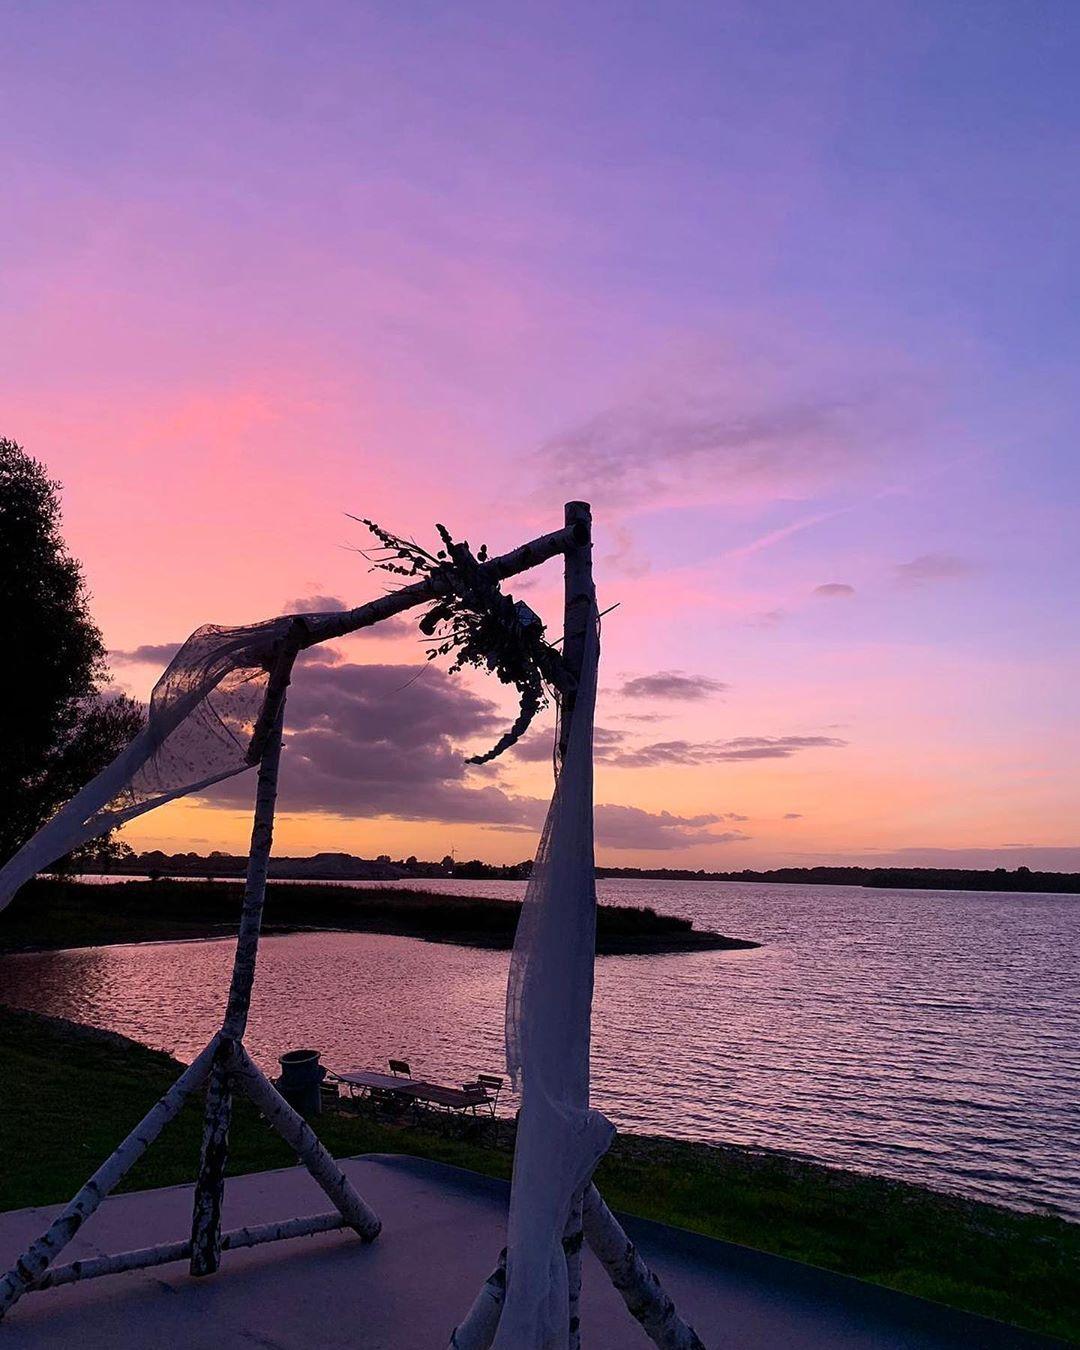 Schlosshotel Diersfordt On Instagram Sonnenuntergang Am See Unseres Schlosses Eine Wundervolle Kulisse Fur Eine Freietrauungamsee Sunset Outdoor Celestial